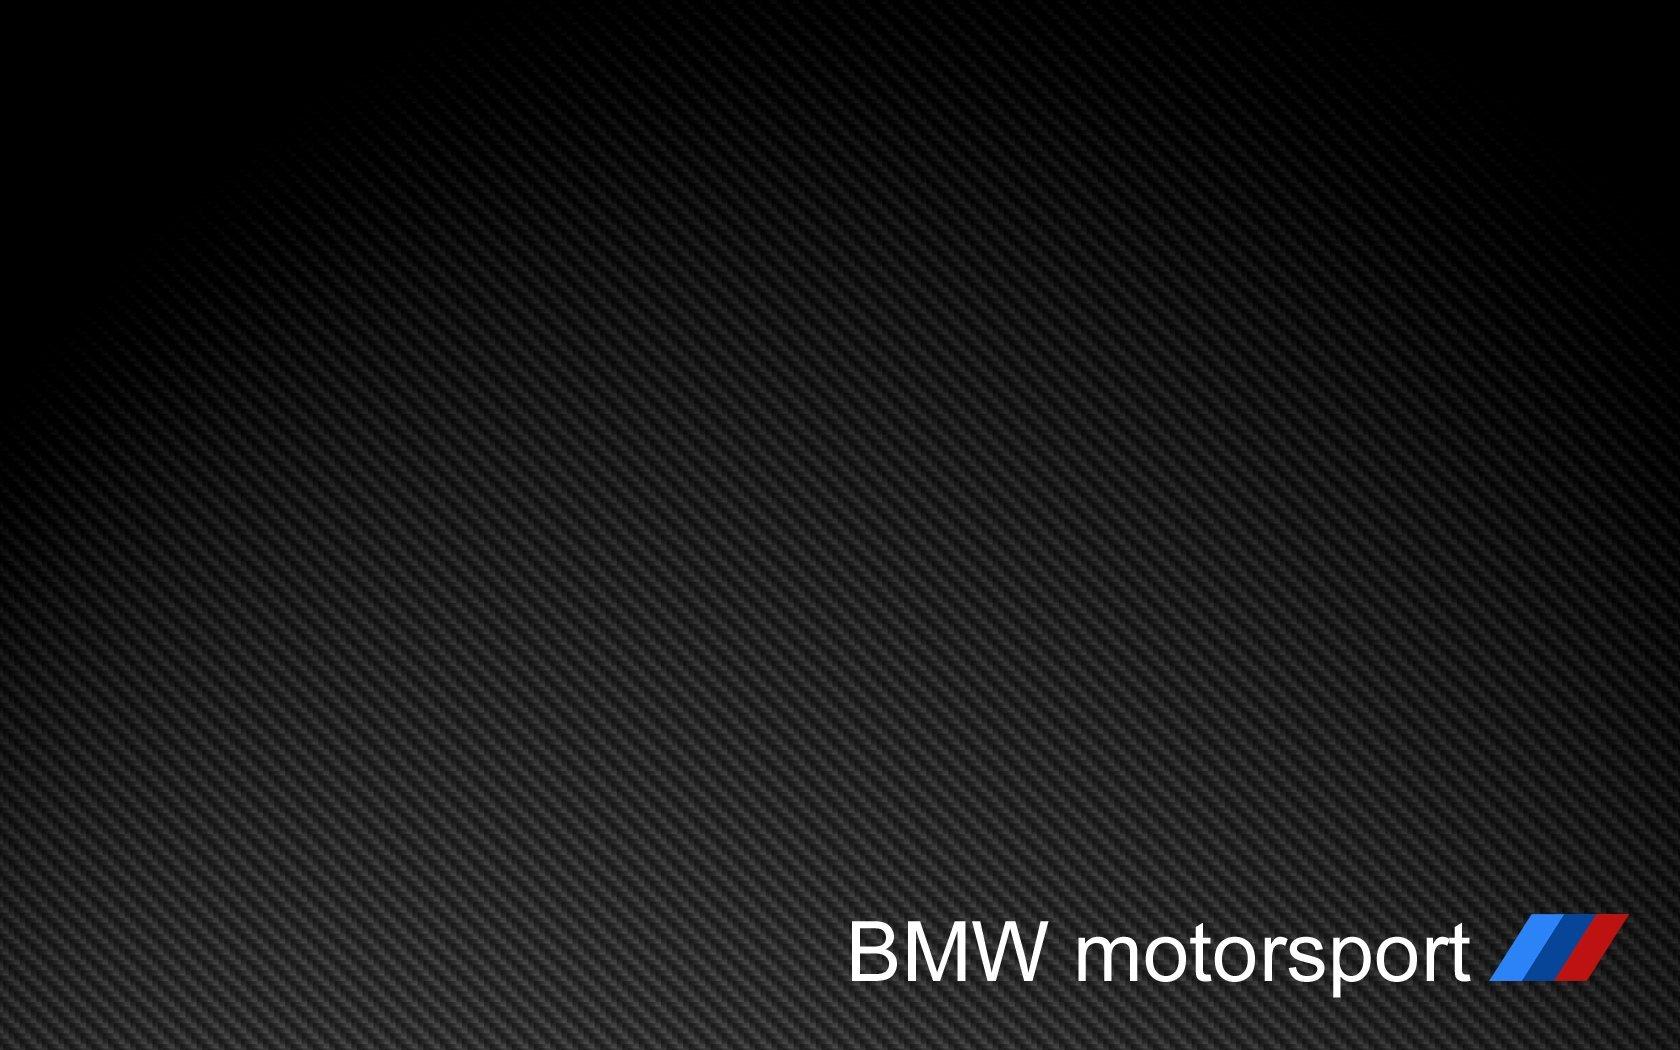 Bmw Motorsport Wallpaper Wallpapersafari